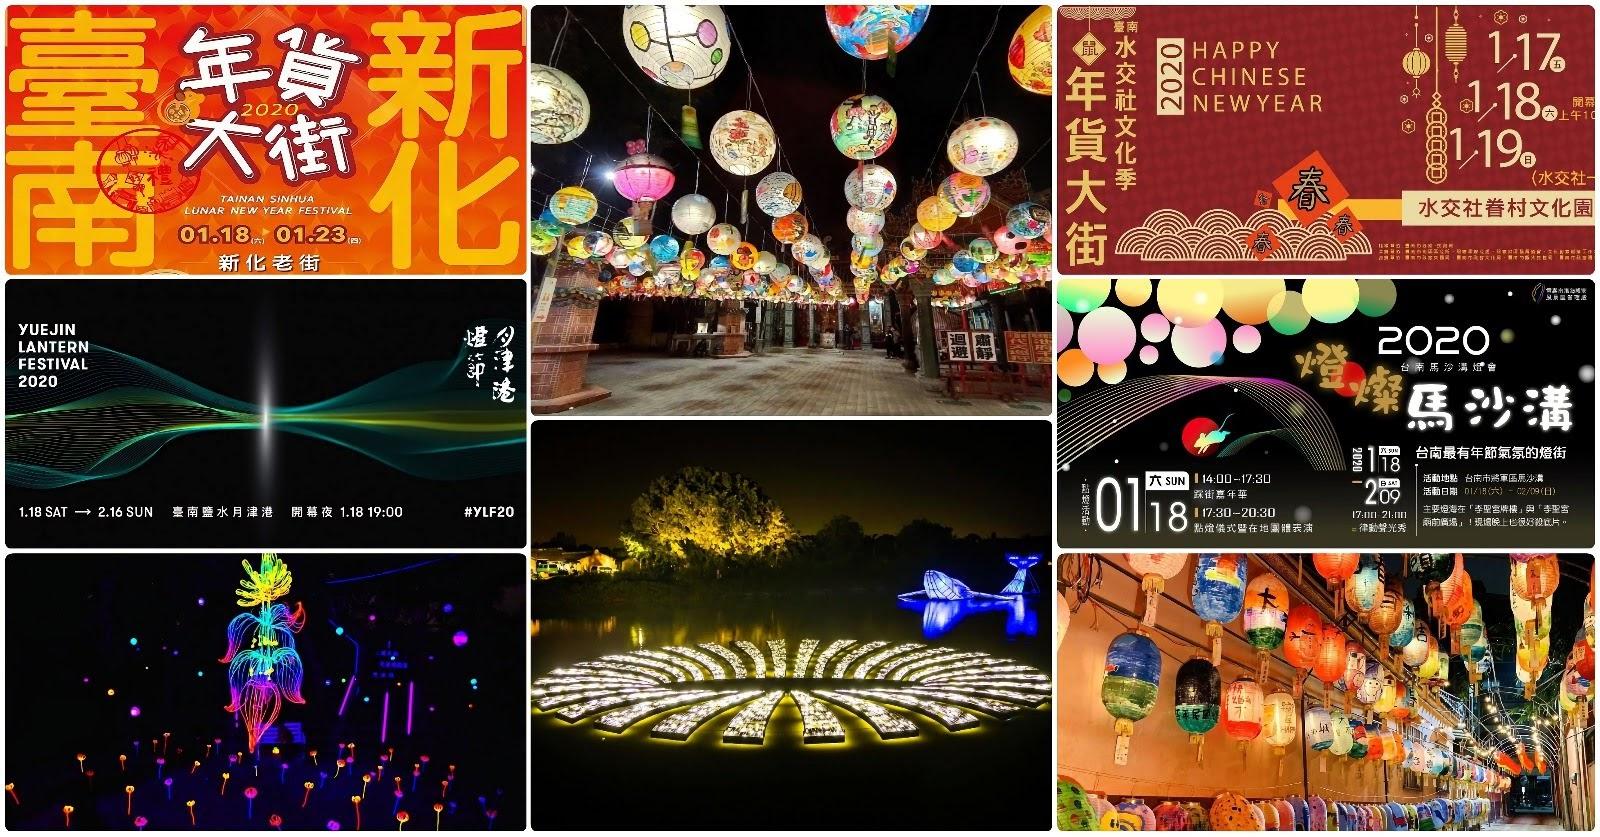 [活動] 2020 1/17-/1/19 台南週末活動整理|本週末活動數:51